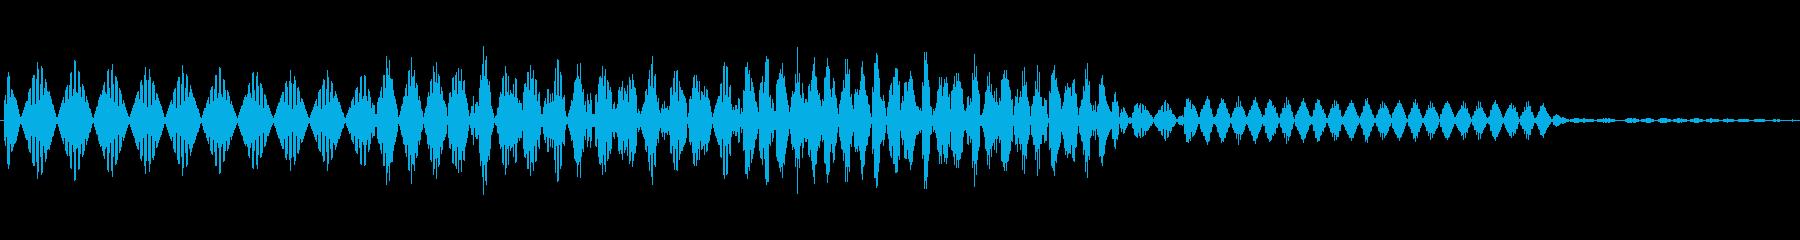 ボタン決定音システム選択タッチ登録C02の再生済みの波形